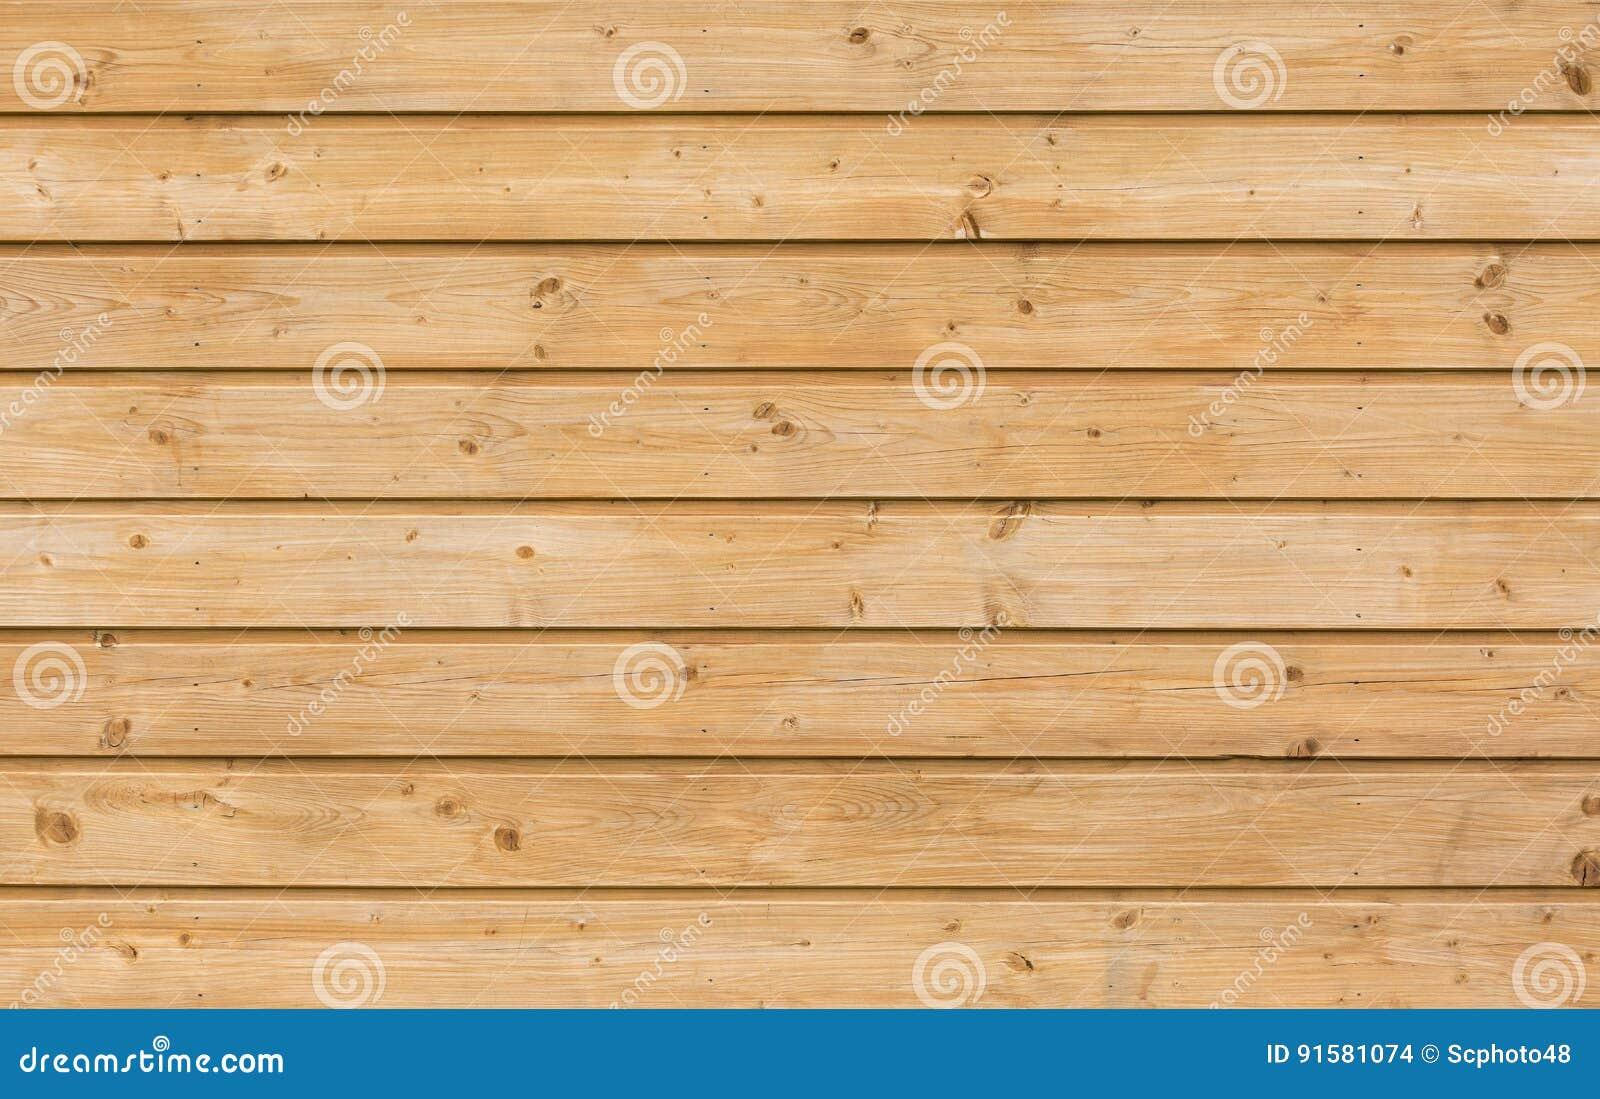 panneaux de bois de construction photo stock image du. Black Bedroom Furniture Sets. Home Design Ideas